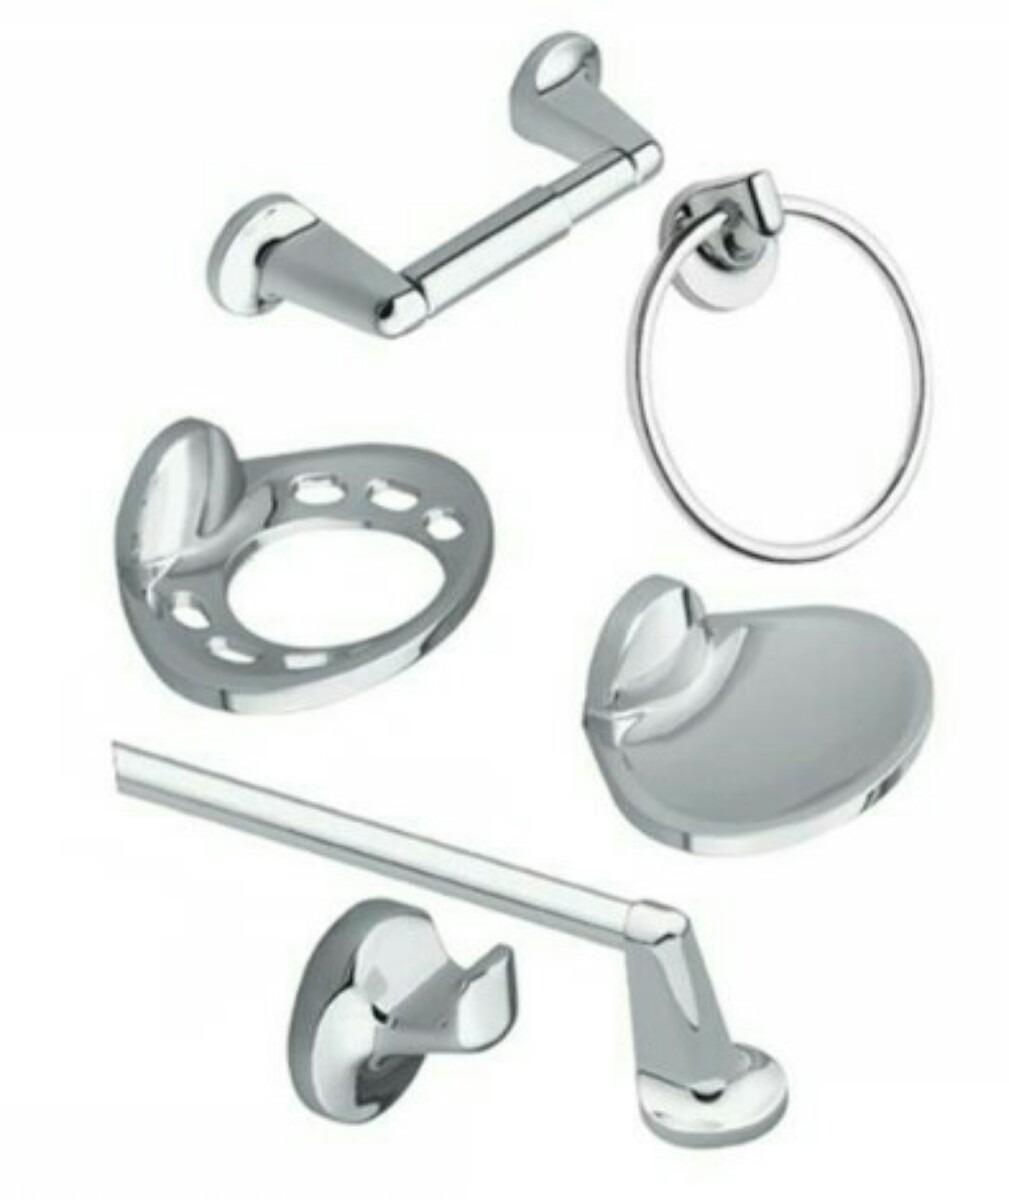 Juegos de accesorios para sala de ba os cromados 6 piezas for Kit accesorios para bano